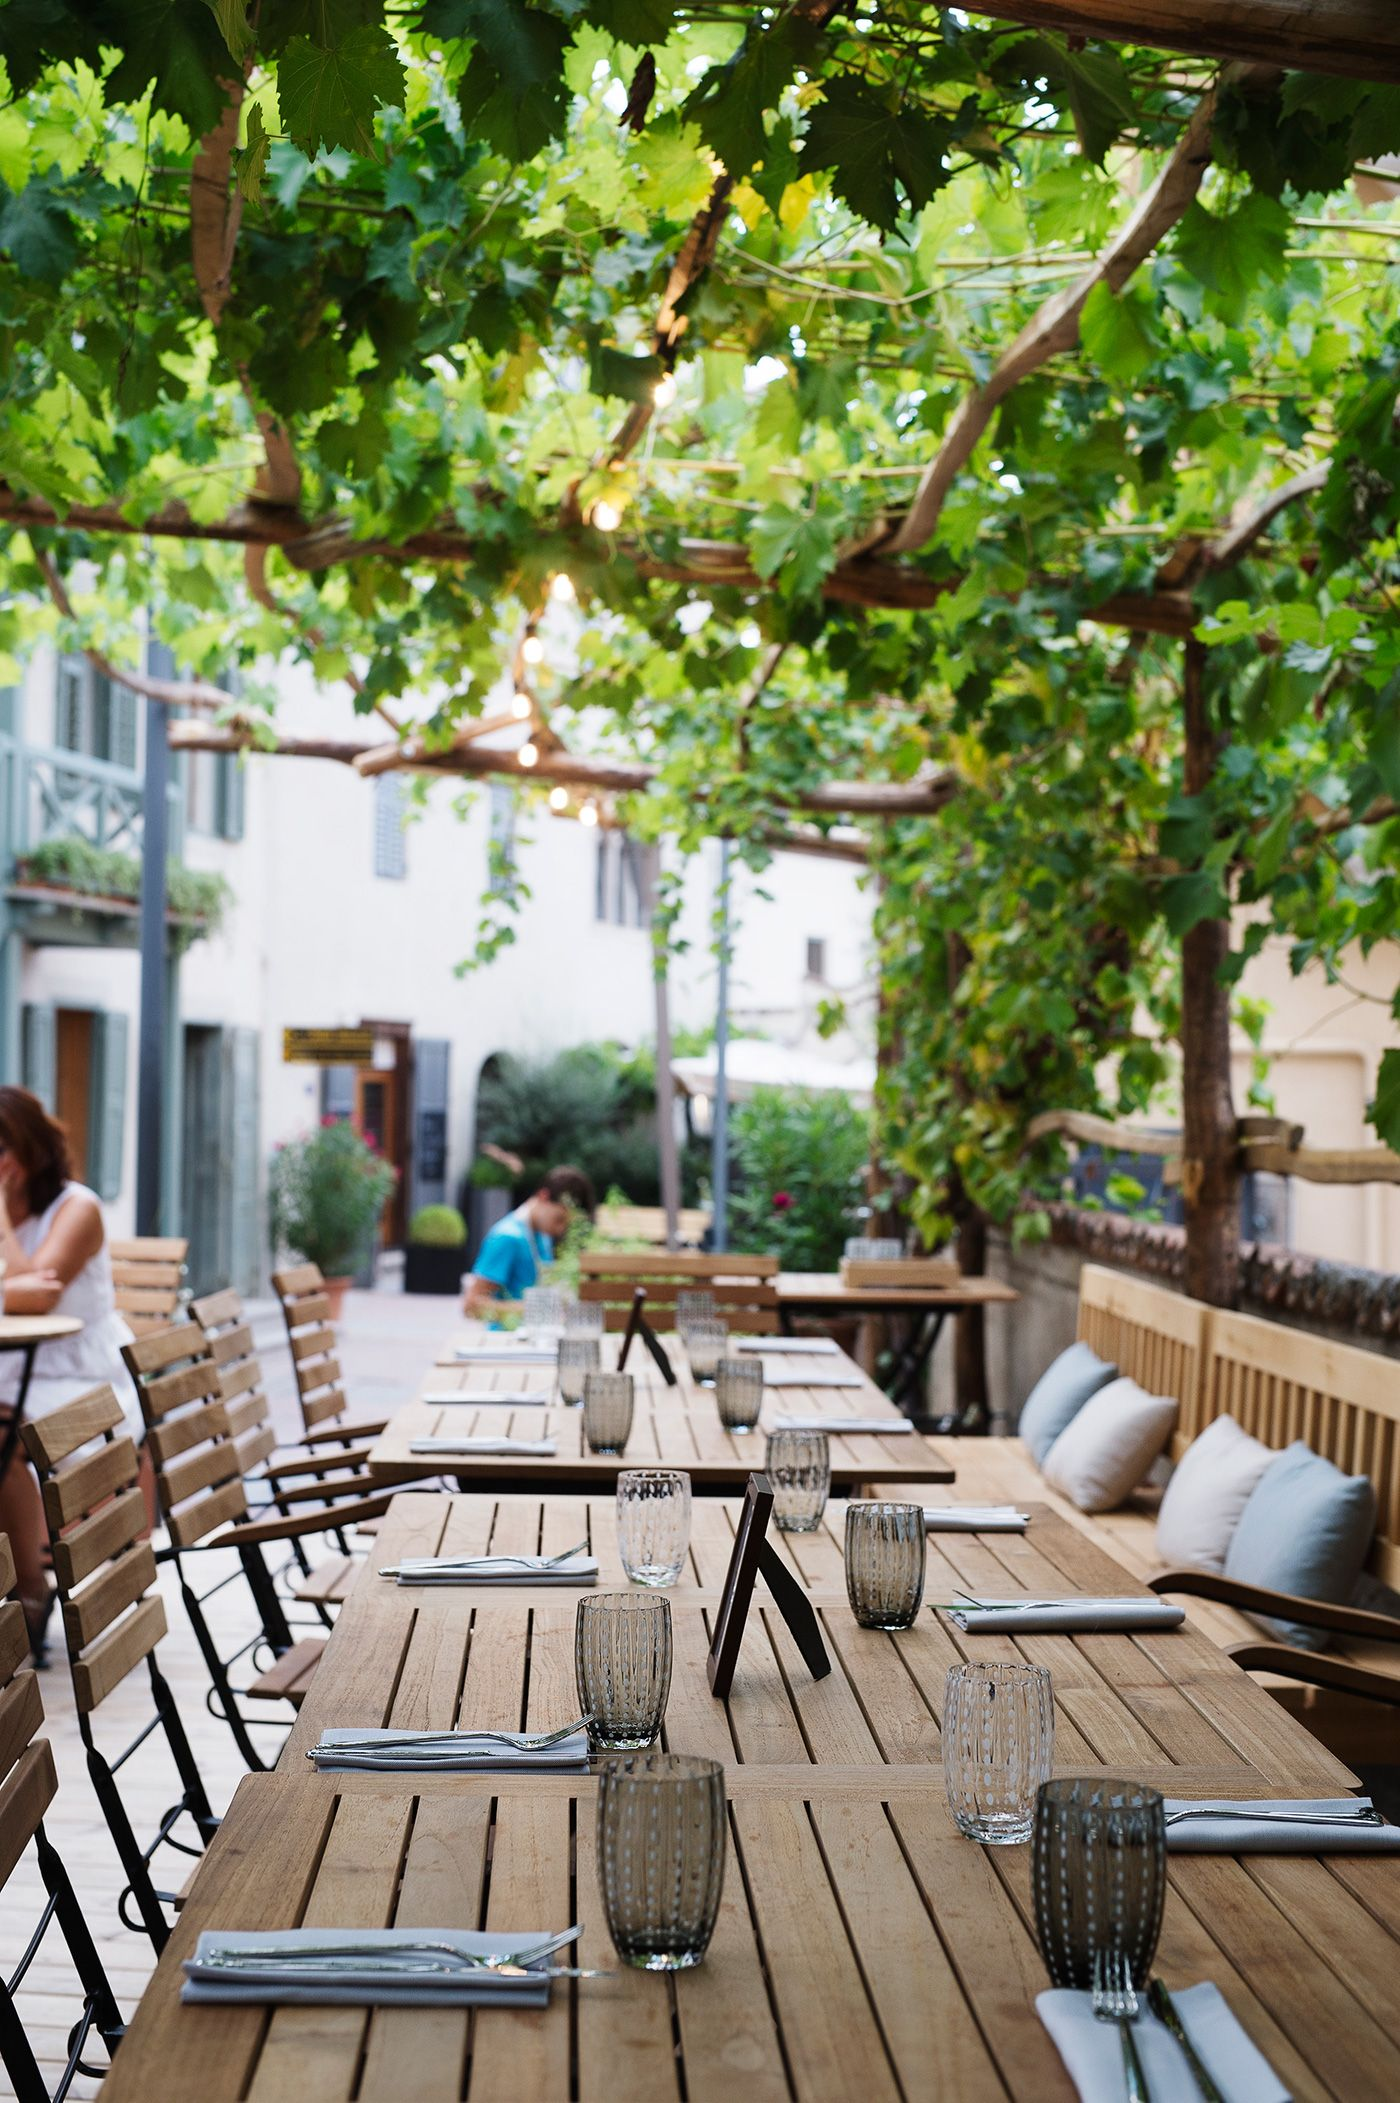 Gartenlaube Terrasse Restaurant Boutiquehotel Sudtirol